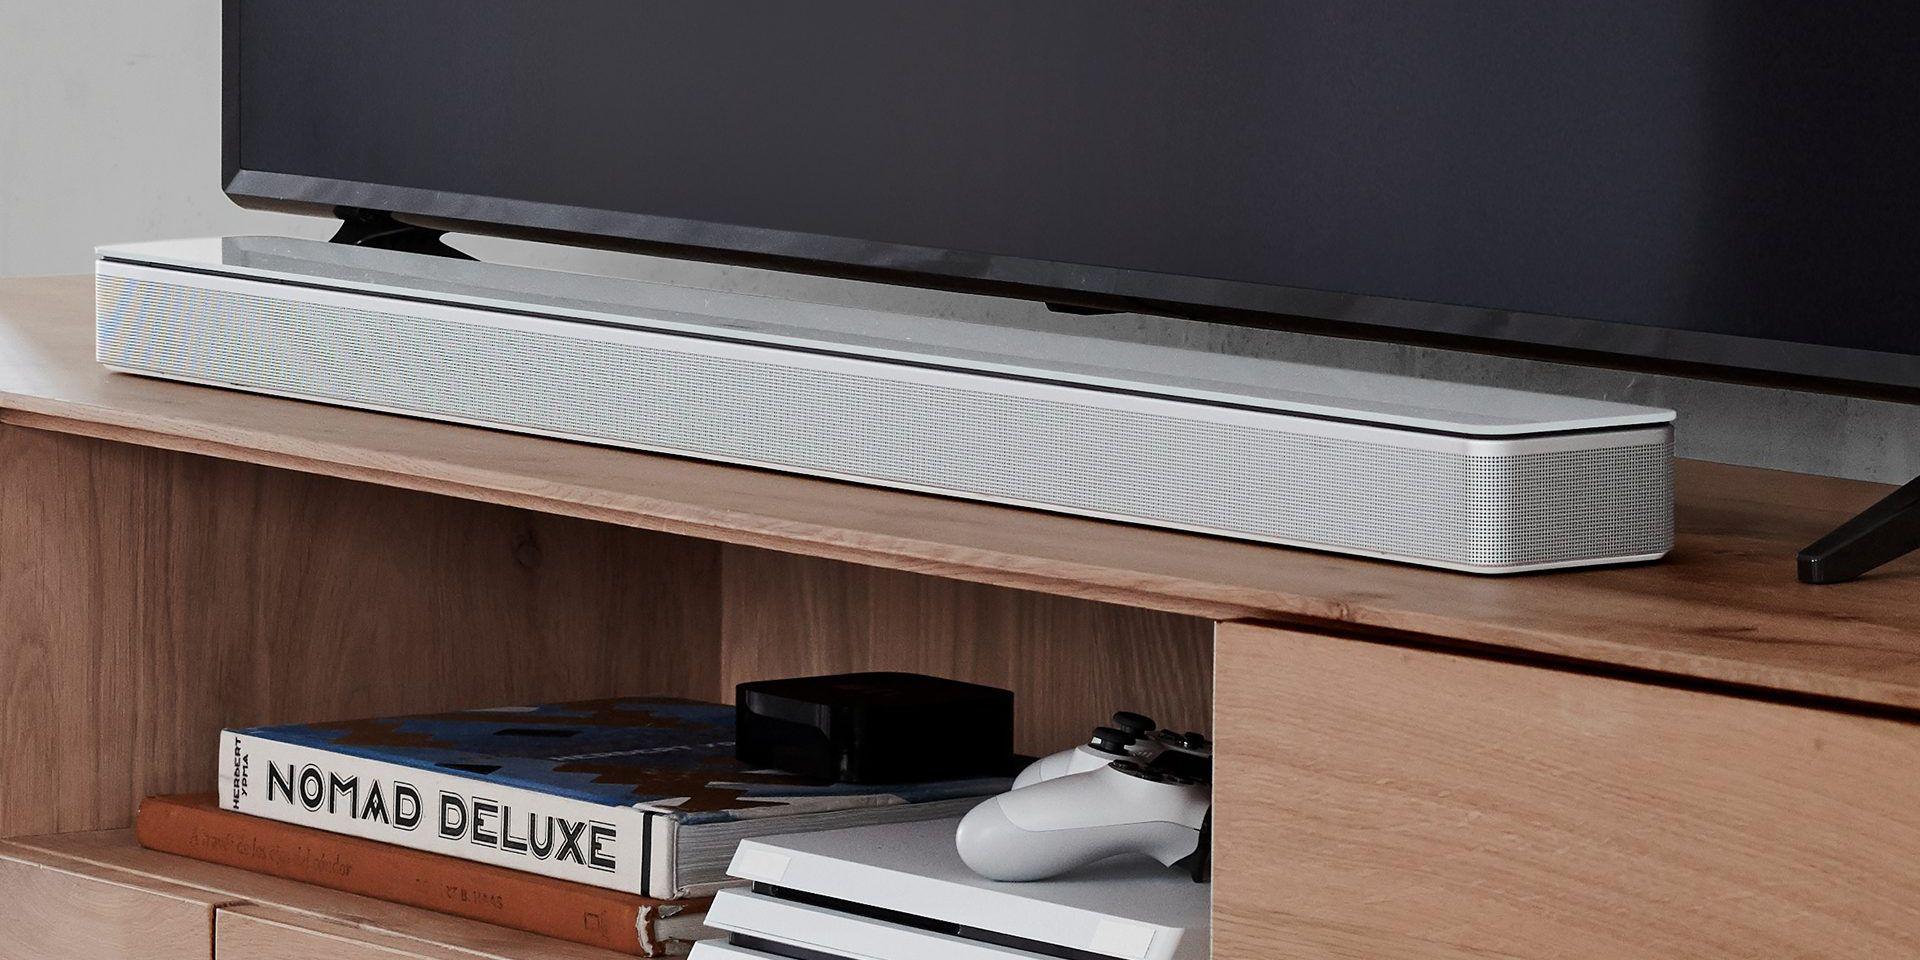 7 Best Wireless Soundbars To Buy In 2020 Wireless Sound Bar Reviews